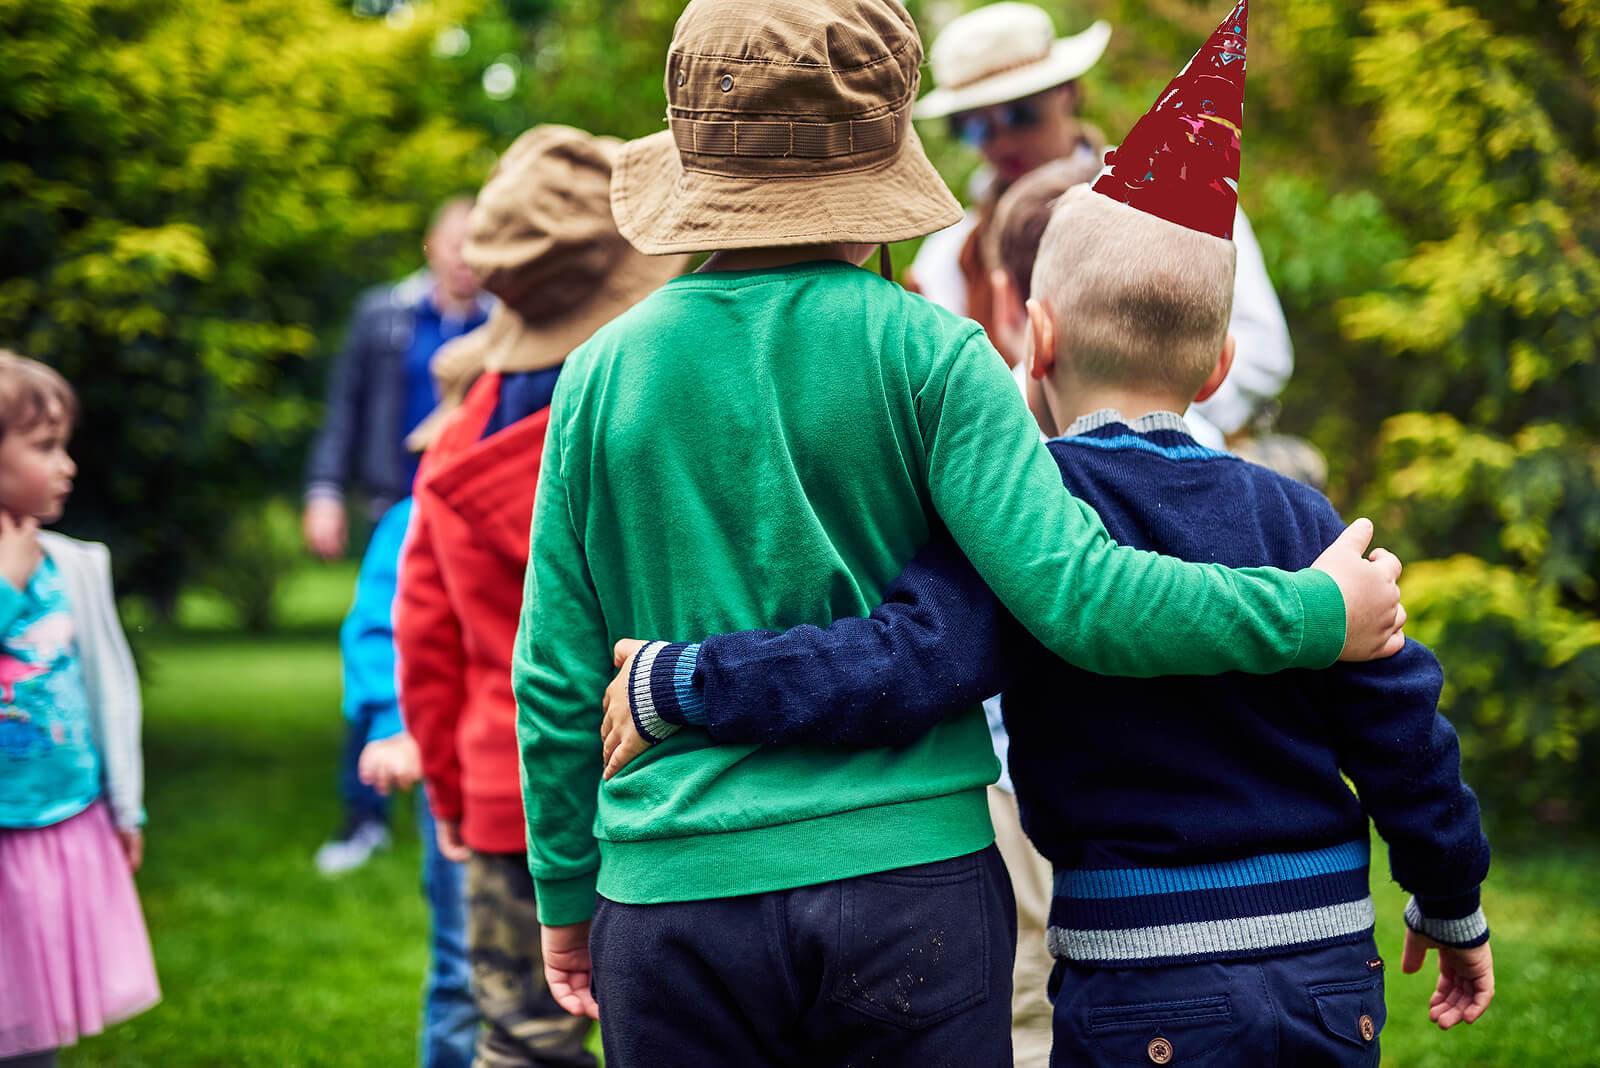 Niños dándose un abrazo durante una excursión por el campo como parte de su desarrollo social.